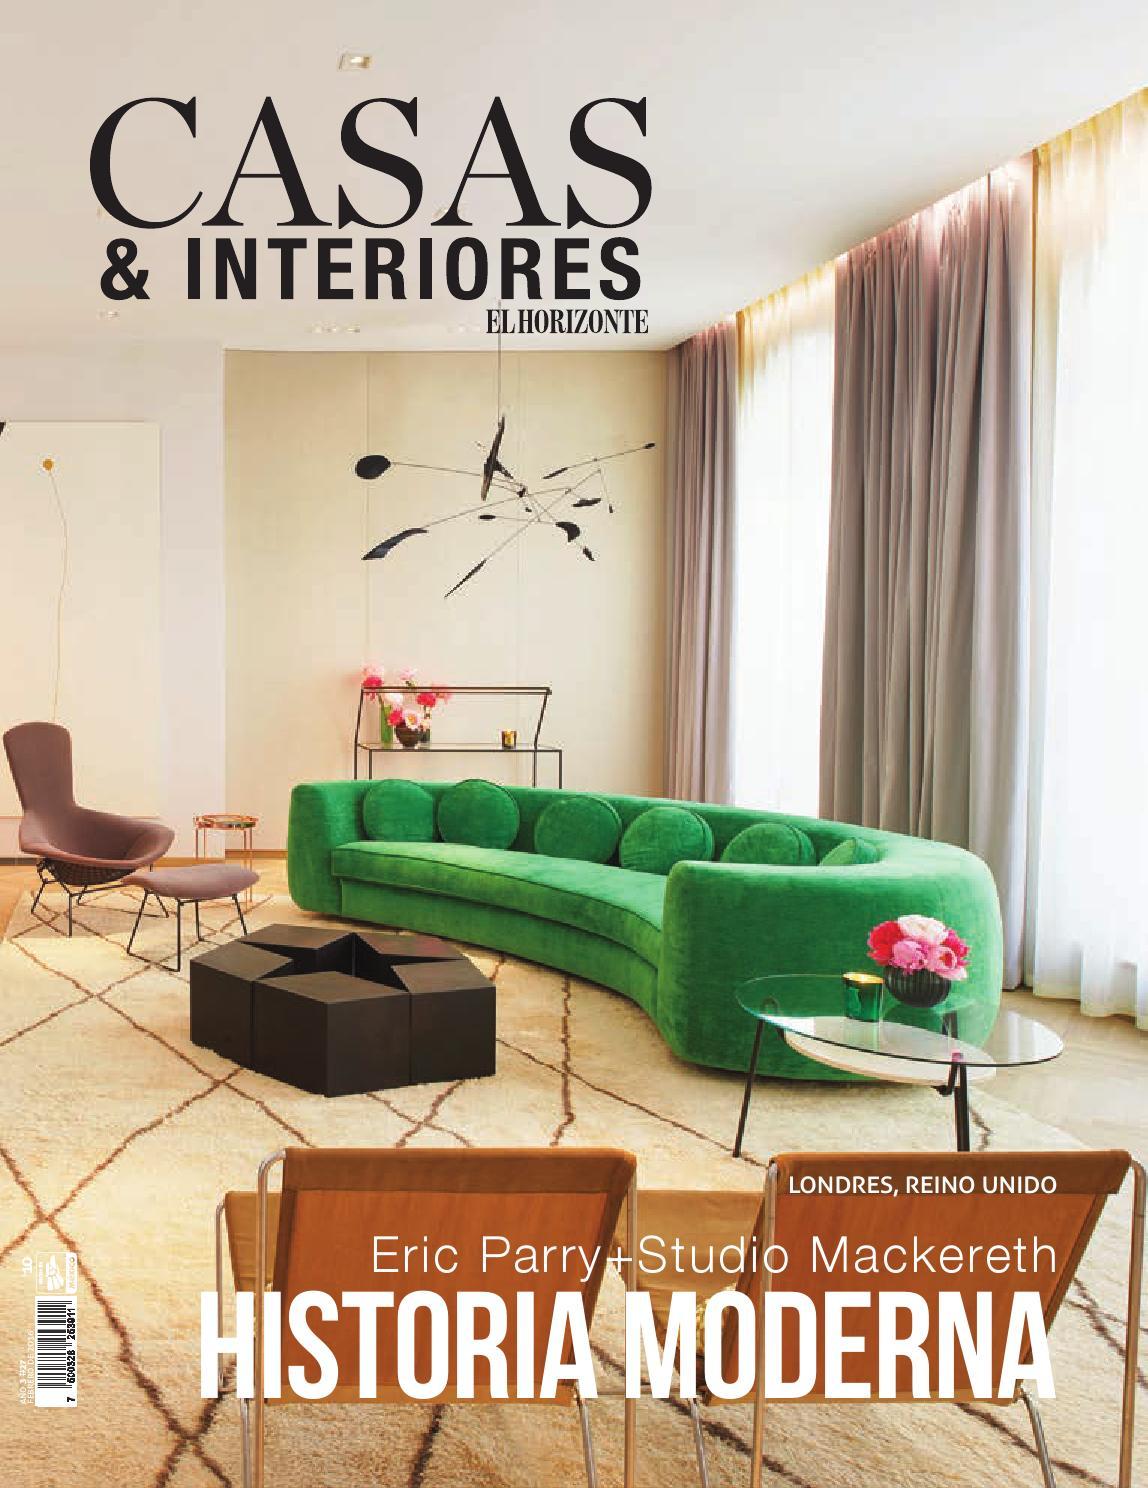 Casas & Interiores #27 by Estilo de Vida El Horizonte - issuu